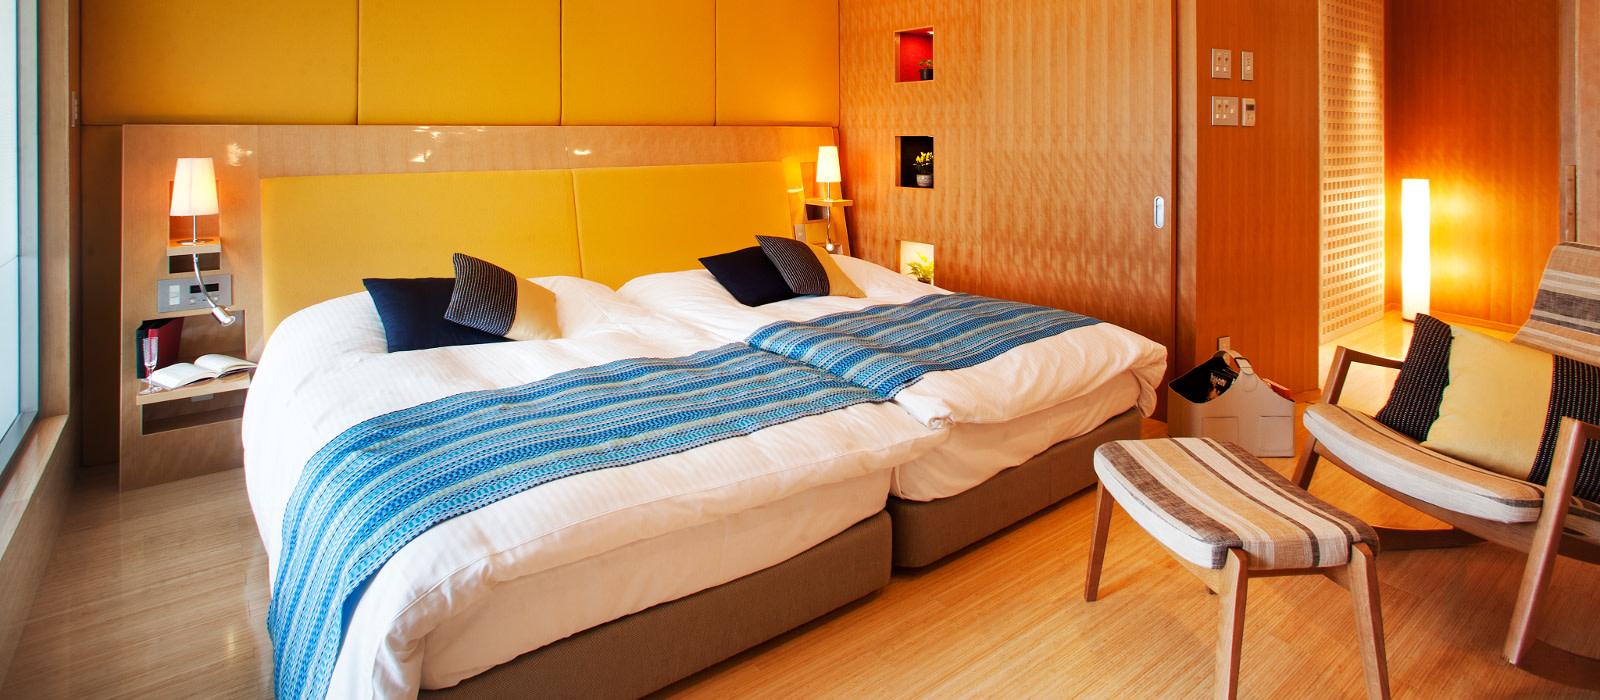 Hotel Honjin Hiranoya Kachoan Ryokan Japan